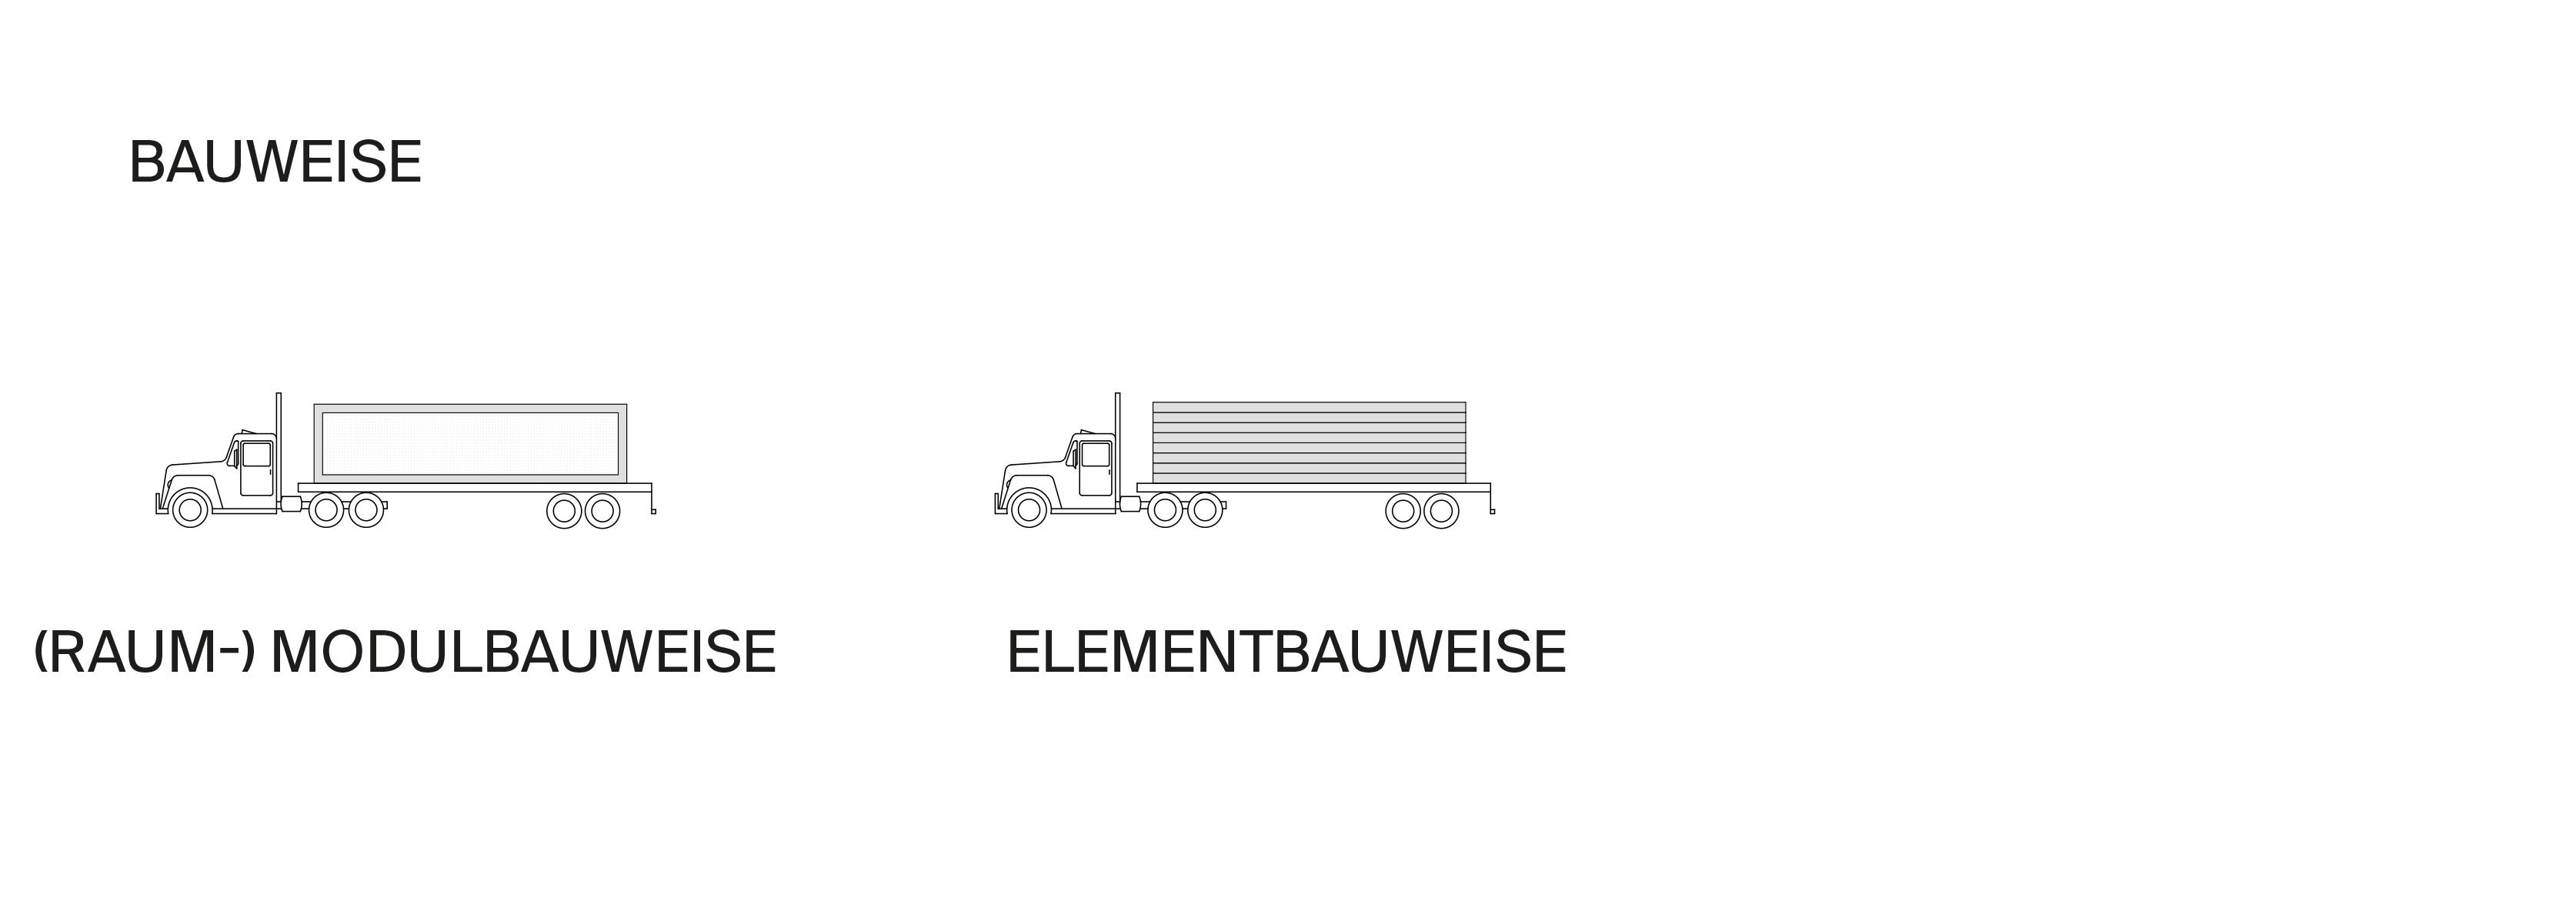 Graphik zur Bauweise in Modul- oder Elementbauweise